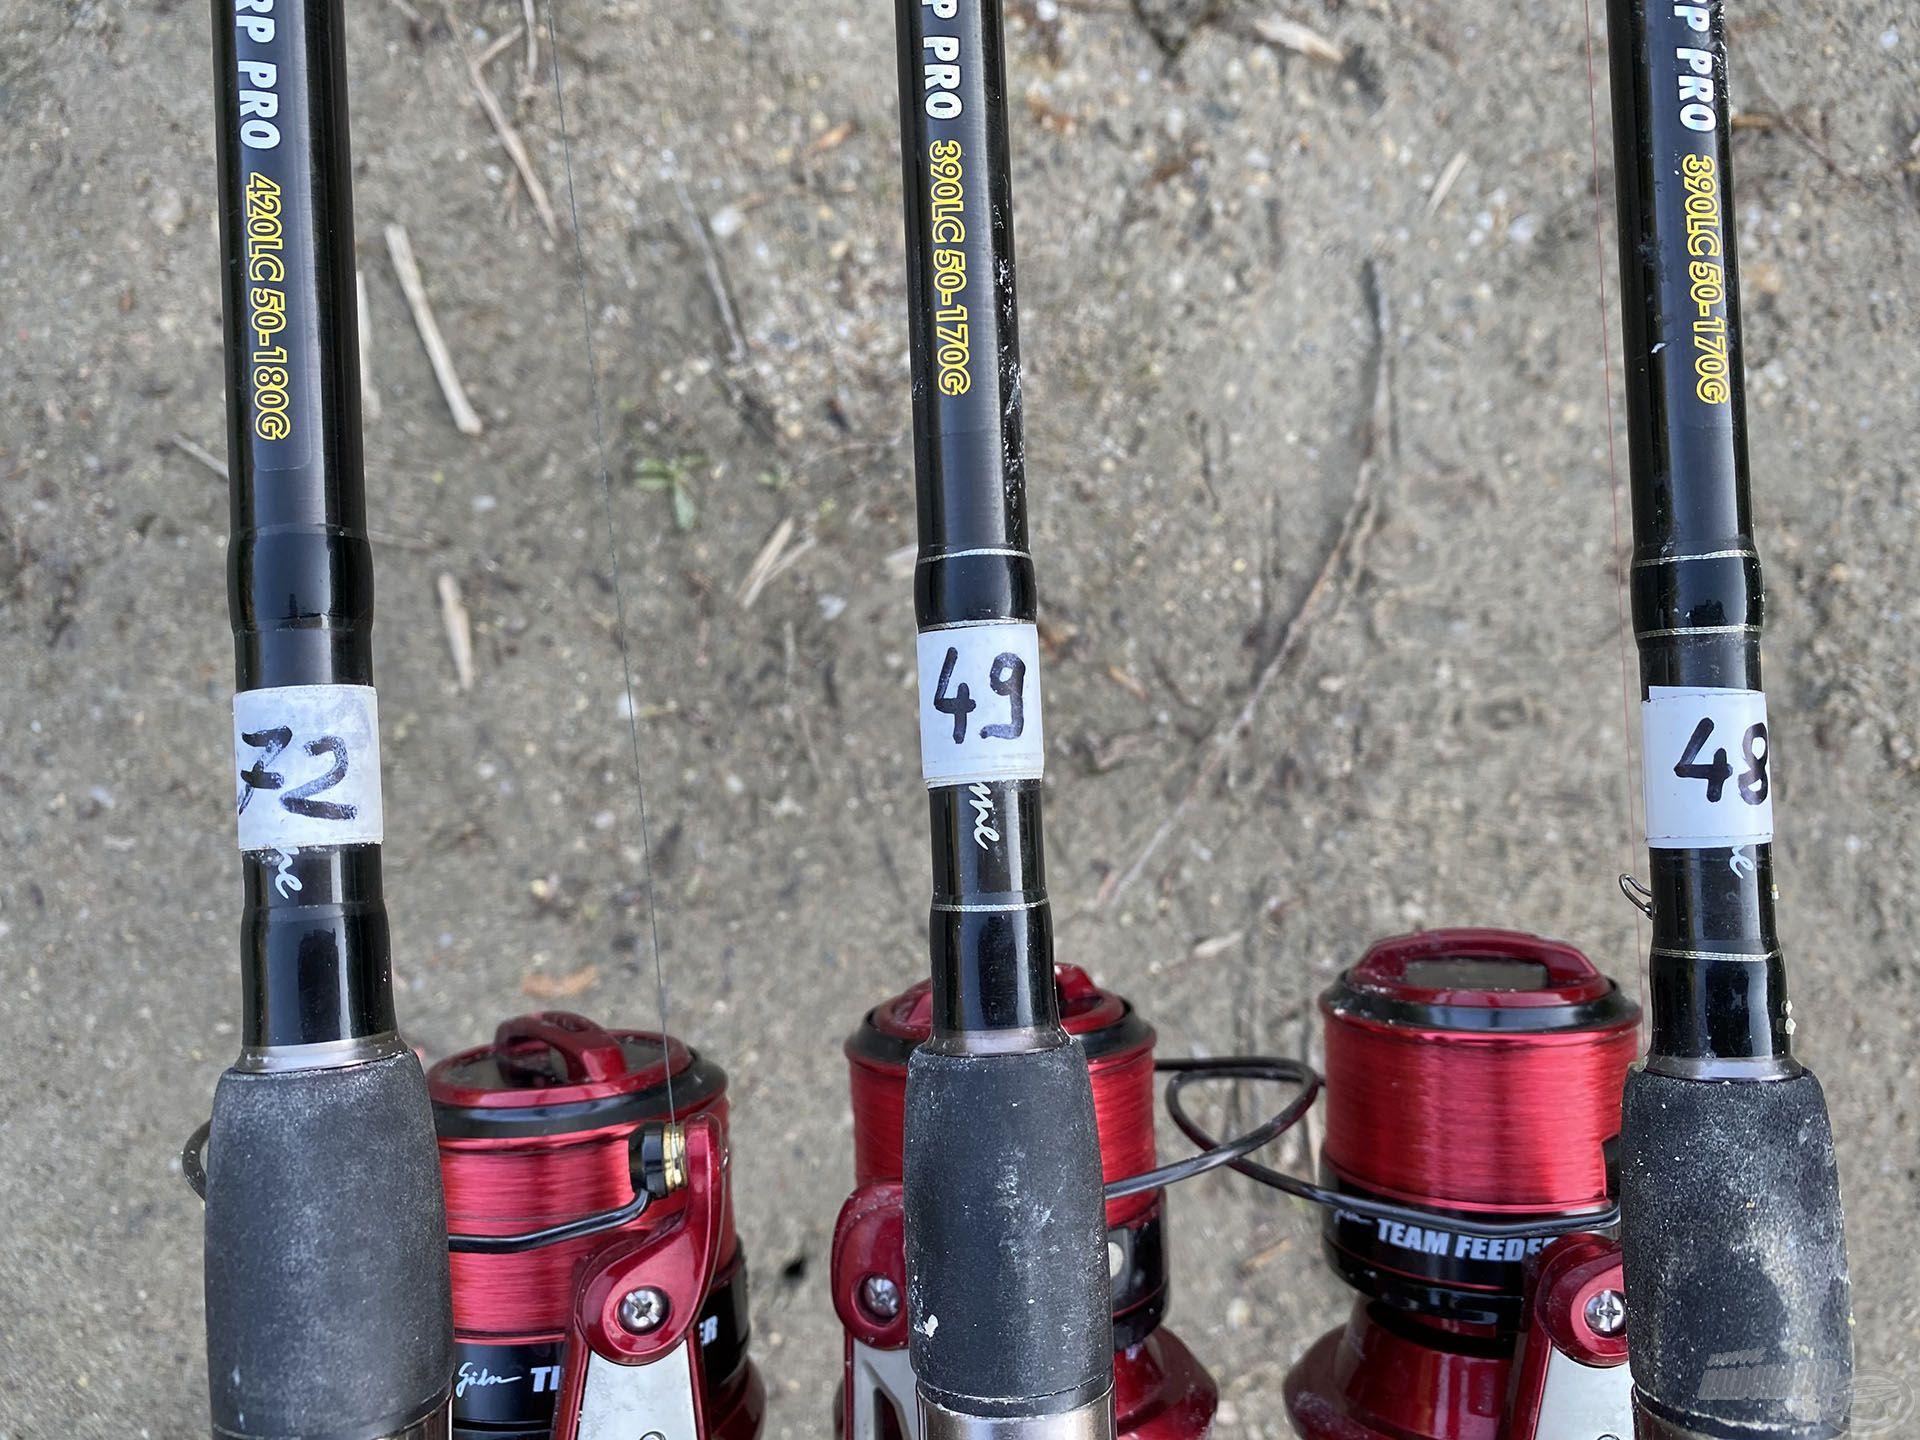 48, 49 és 72 méterre horgásztam és hajszálpontosan az ígéretes nyiladékokat dobtam